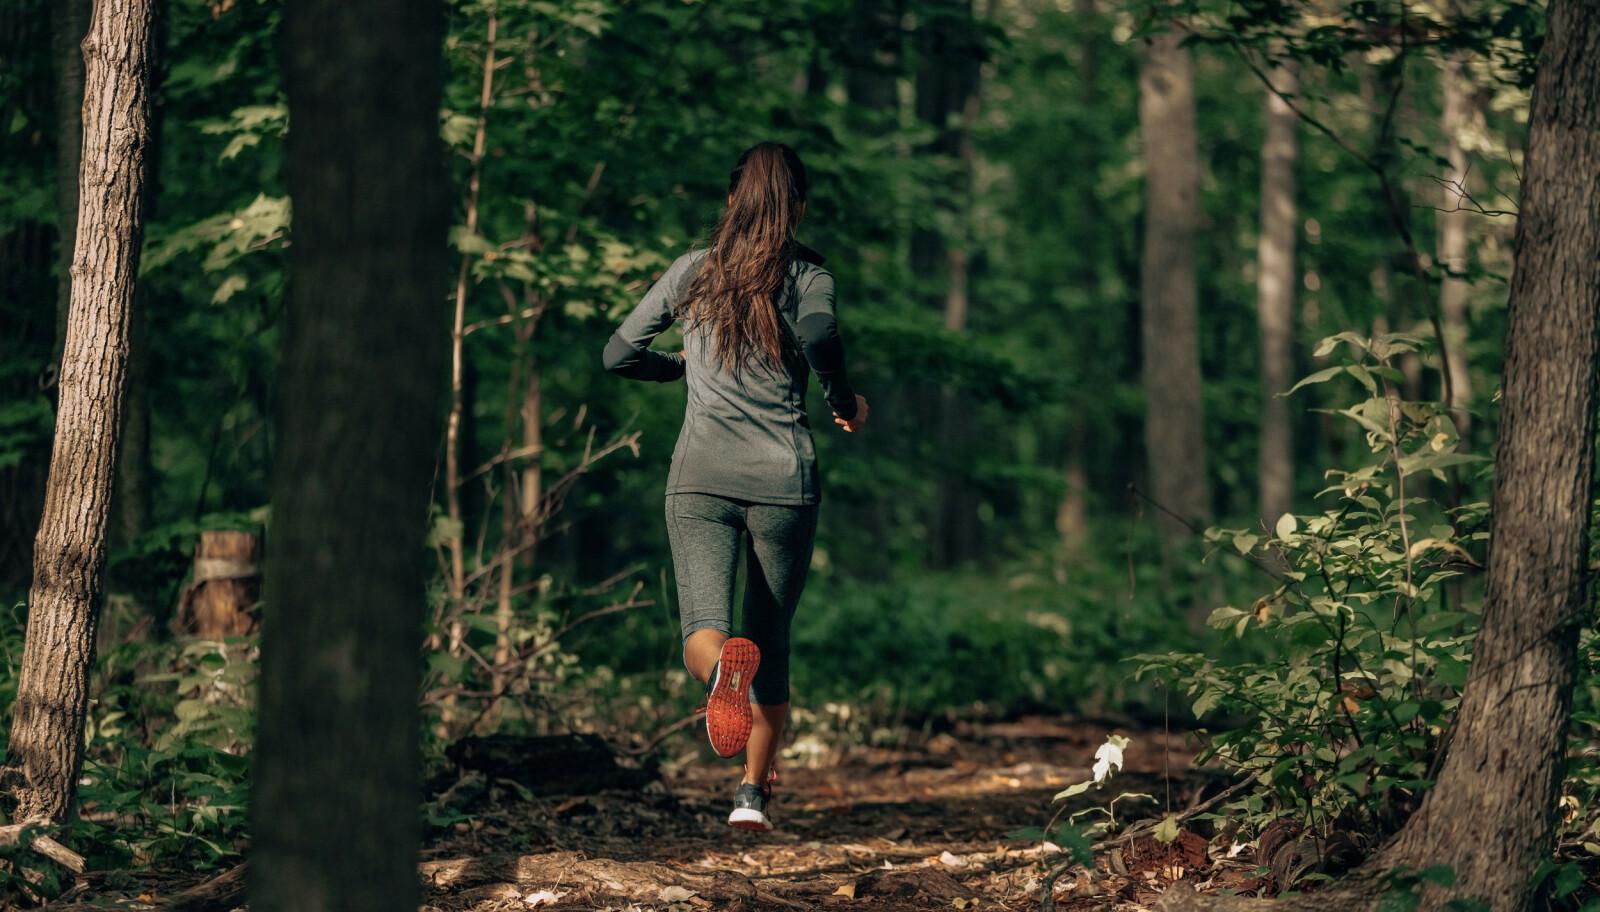 LØPING: Ifølge Per Elias Kalfoss i Norges Skiforbund er det også lurt å legge inn et par løpeøkter i skog og mark, i løpet av våren og sommeren, for å opprettholde kondisjonen til skisesongen. ILLUSTRASJONSFOTO: NTB